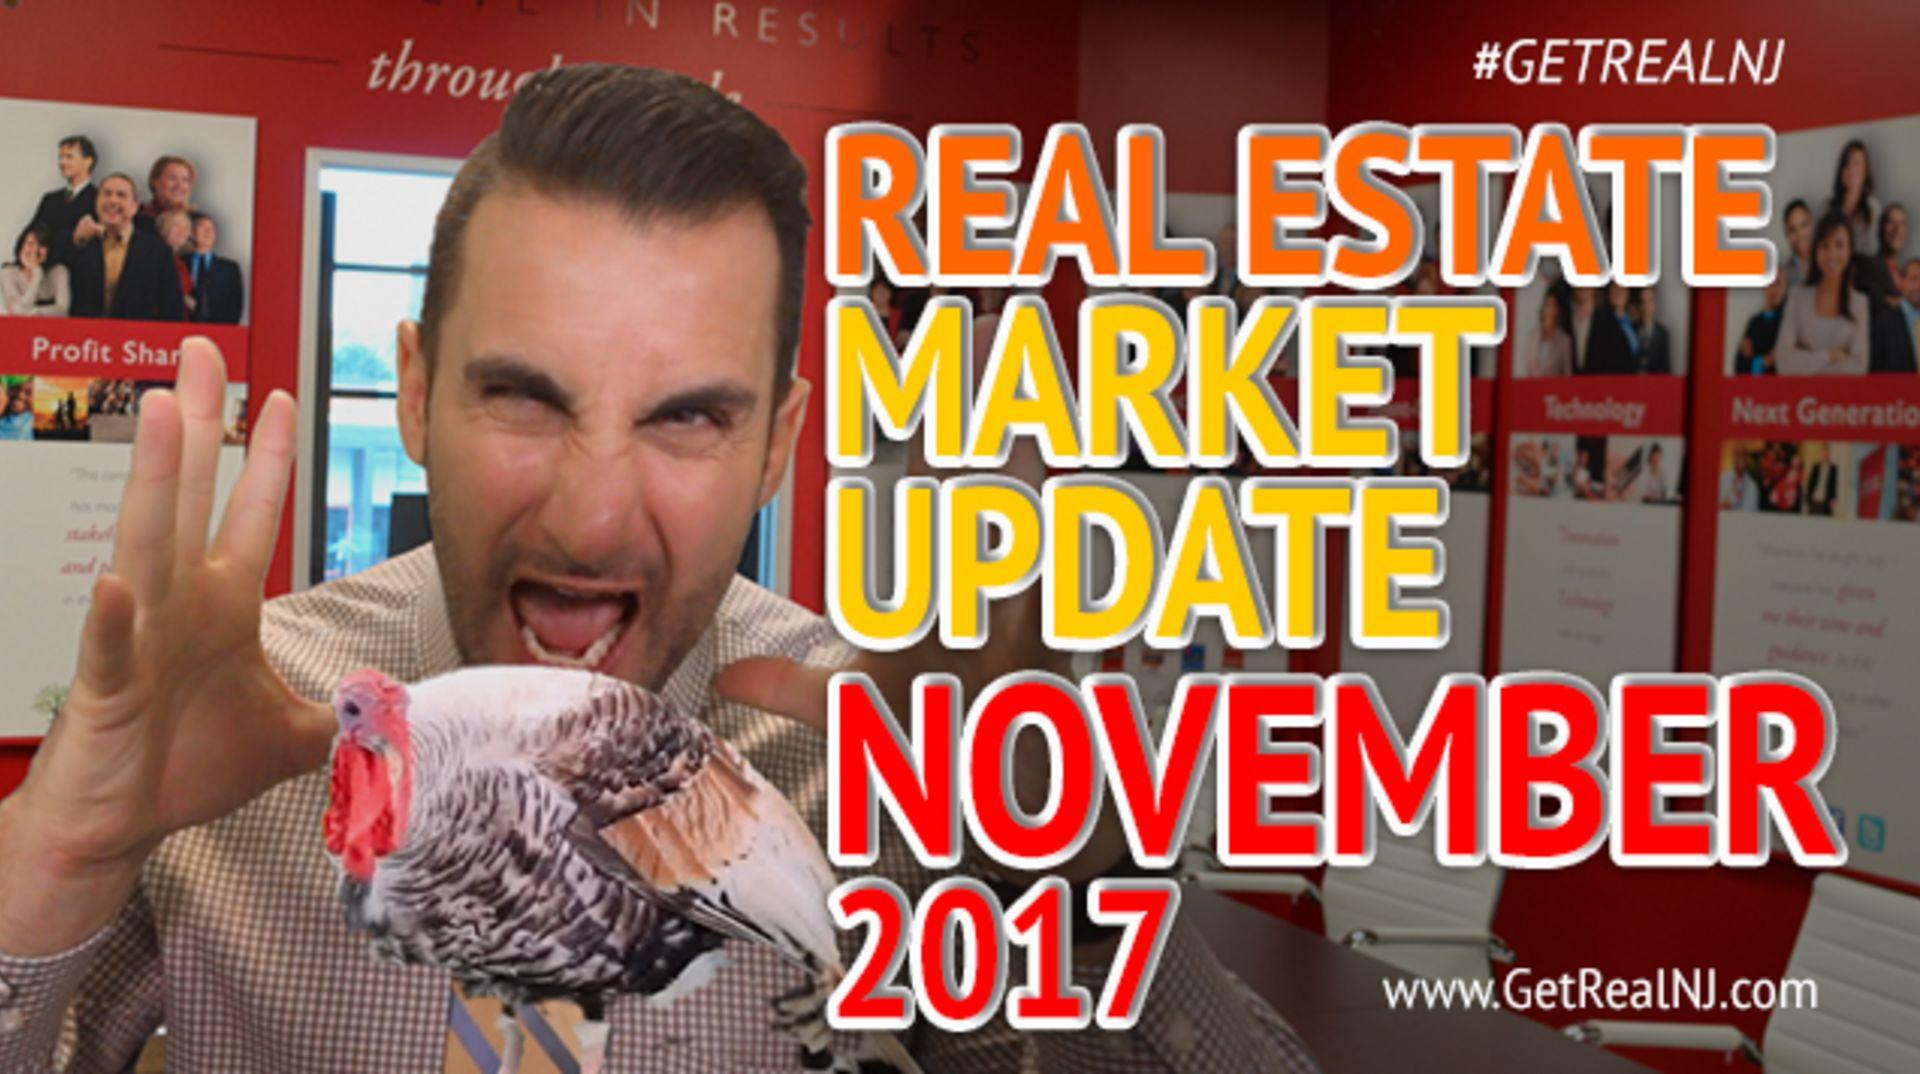 November 2017 Real Estate Market Update